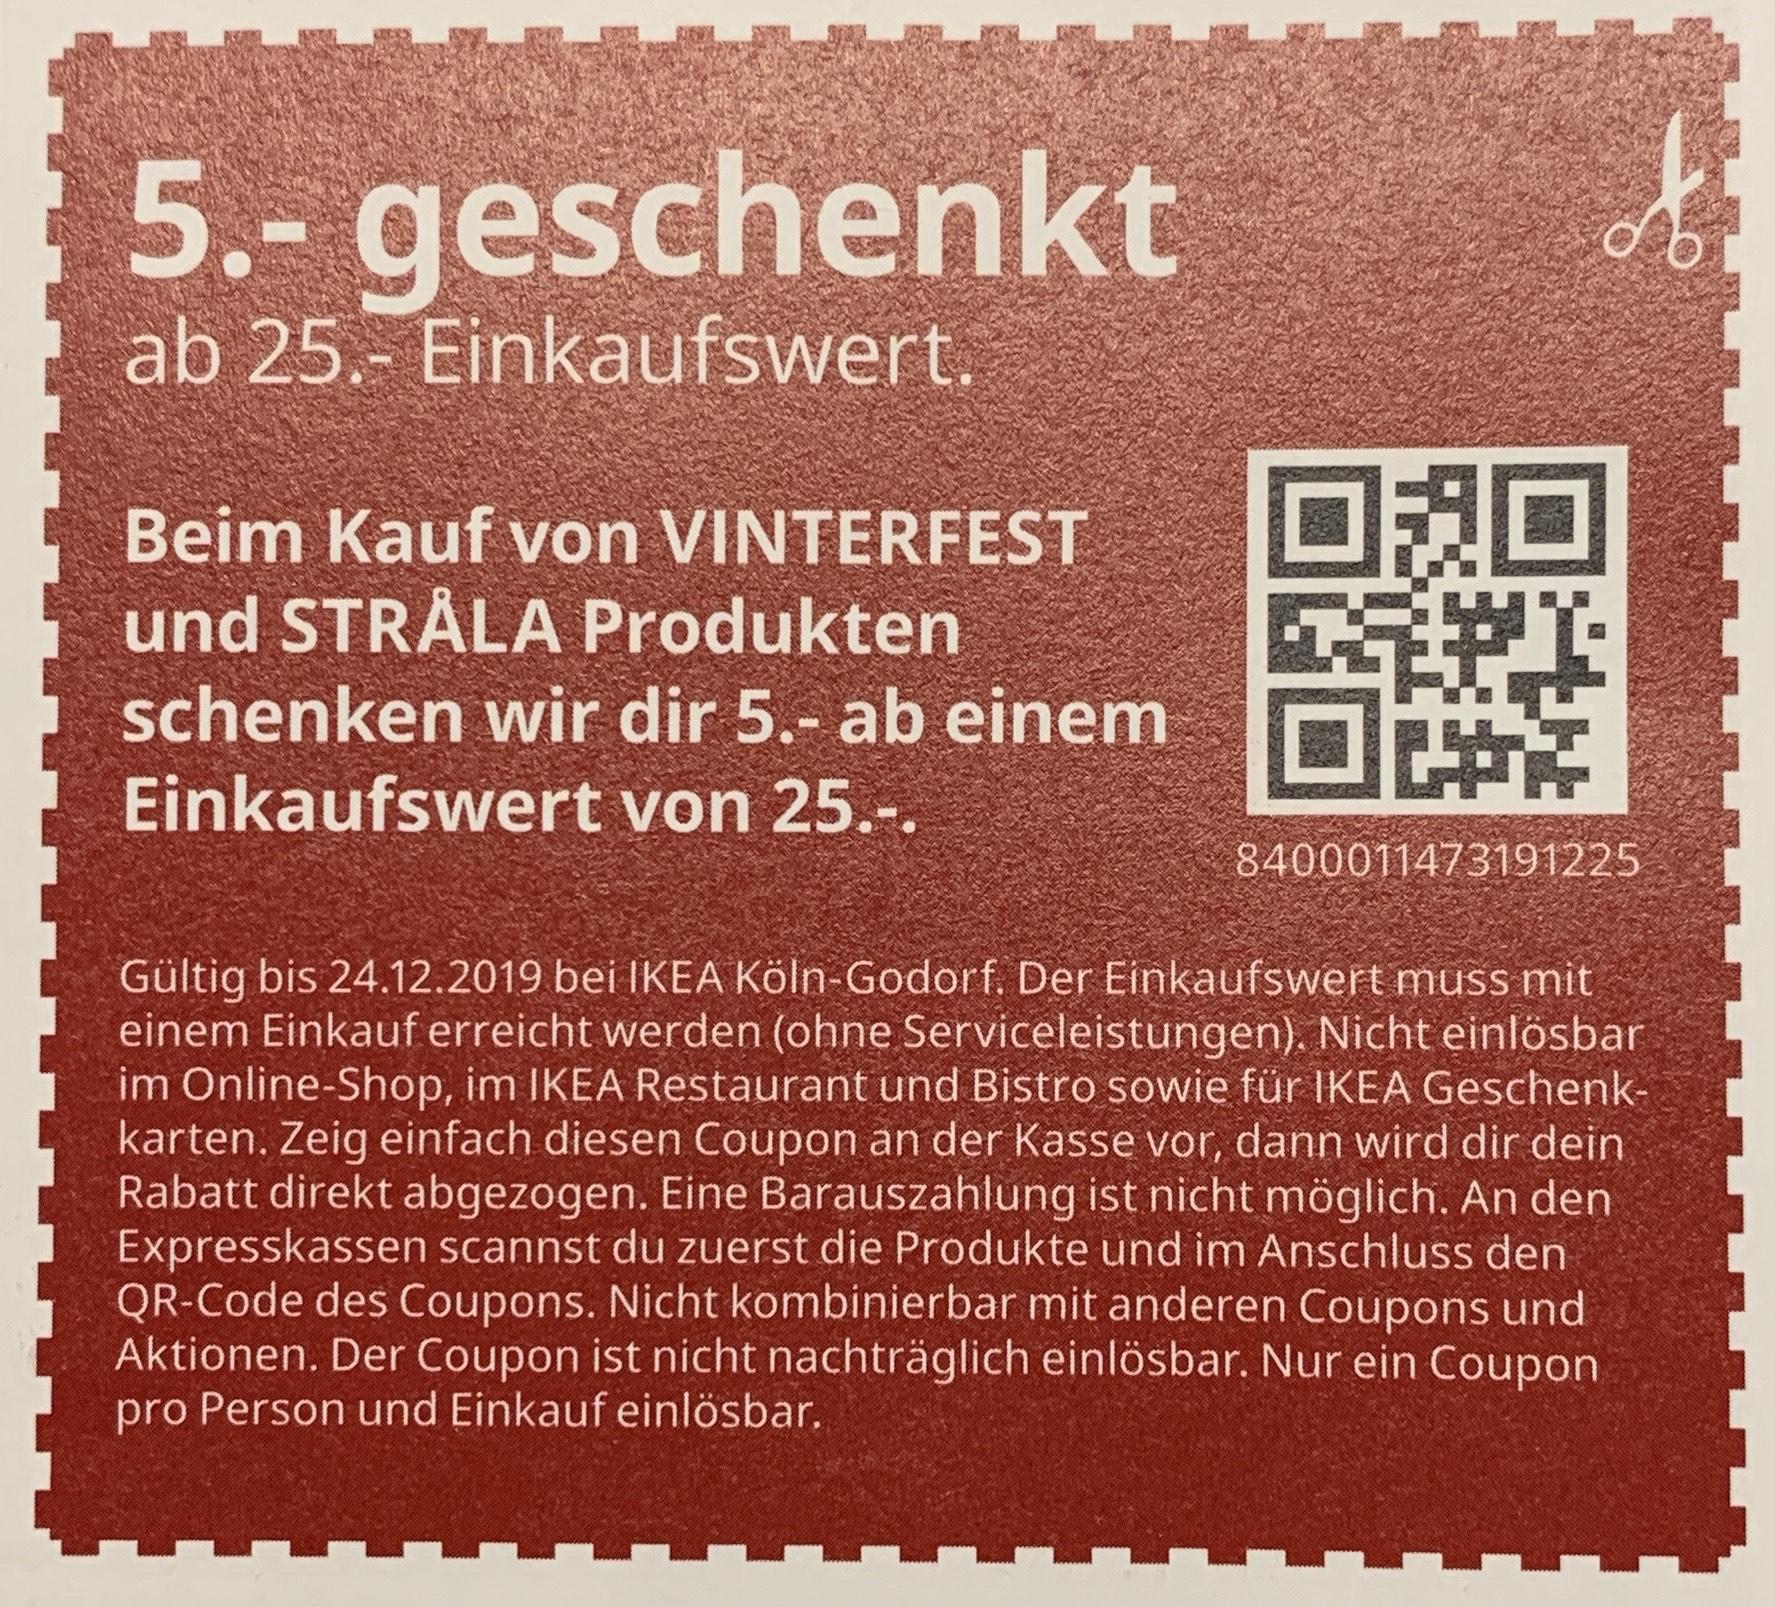 Ikea Coupon ab 25,-€, 5€ geschenkt beim Kauf von Vinterfest und Strala Produkten - Lokal Ikea Godorf